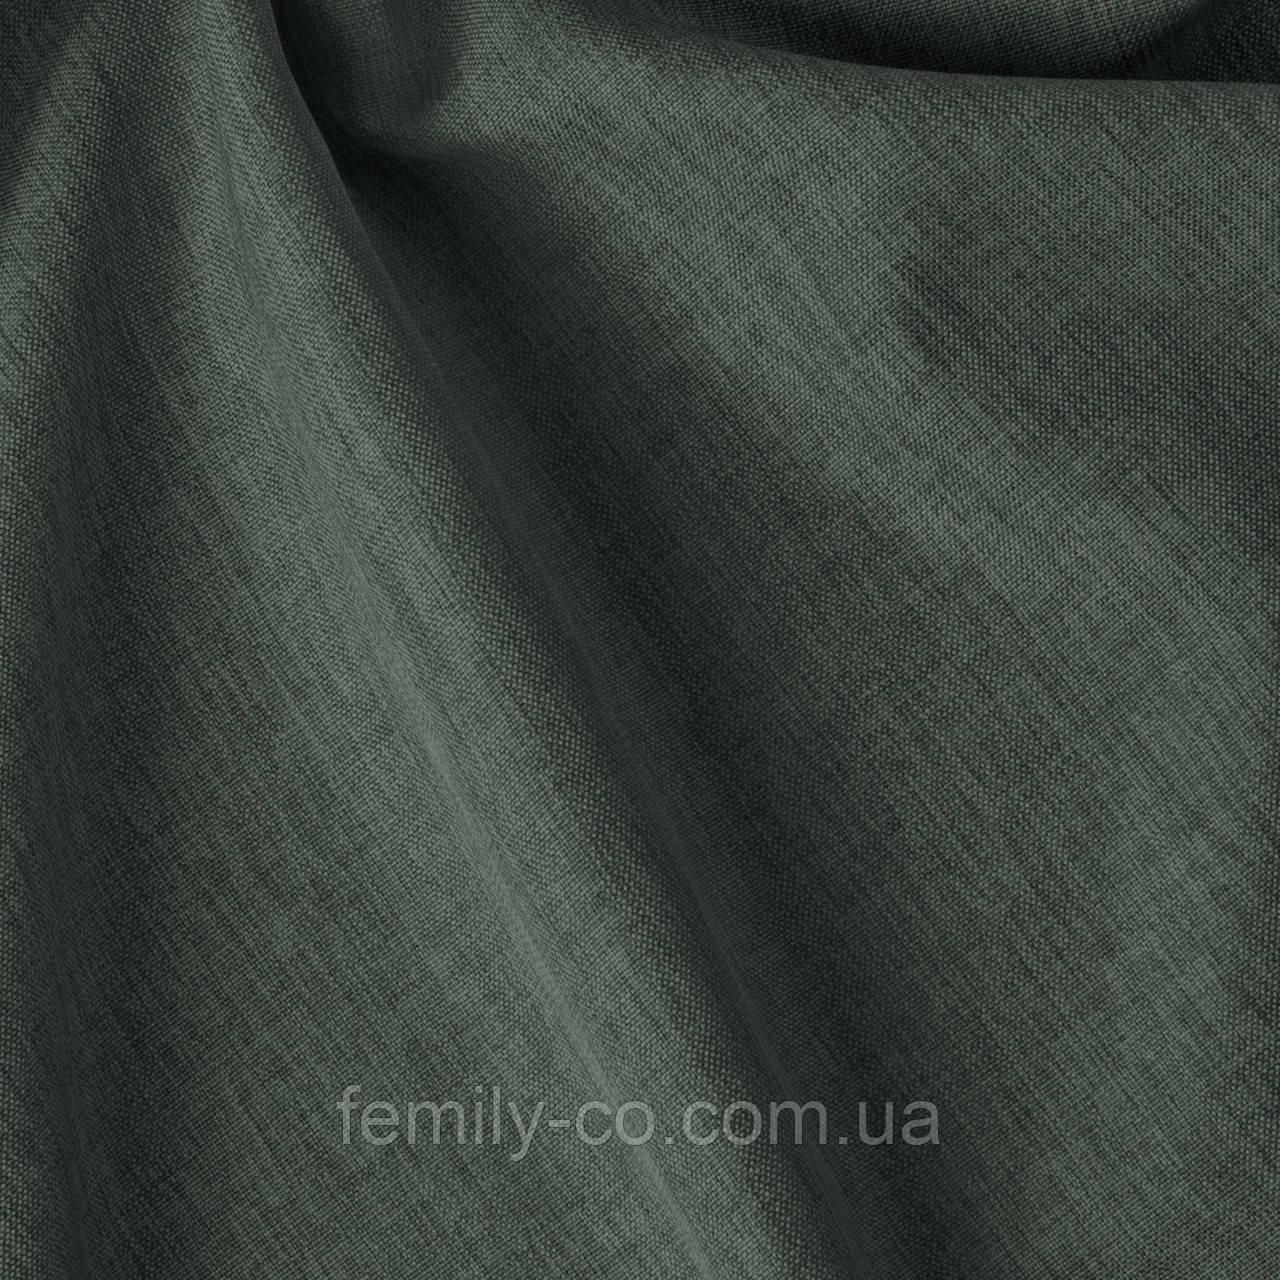 Декоративная однотонная ткань серого цвета Турция 84478v33